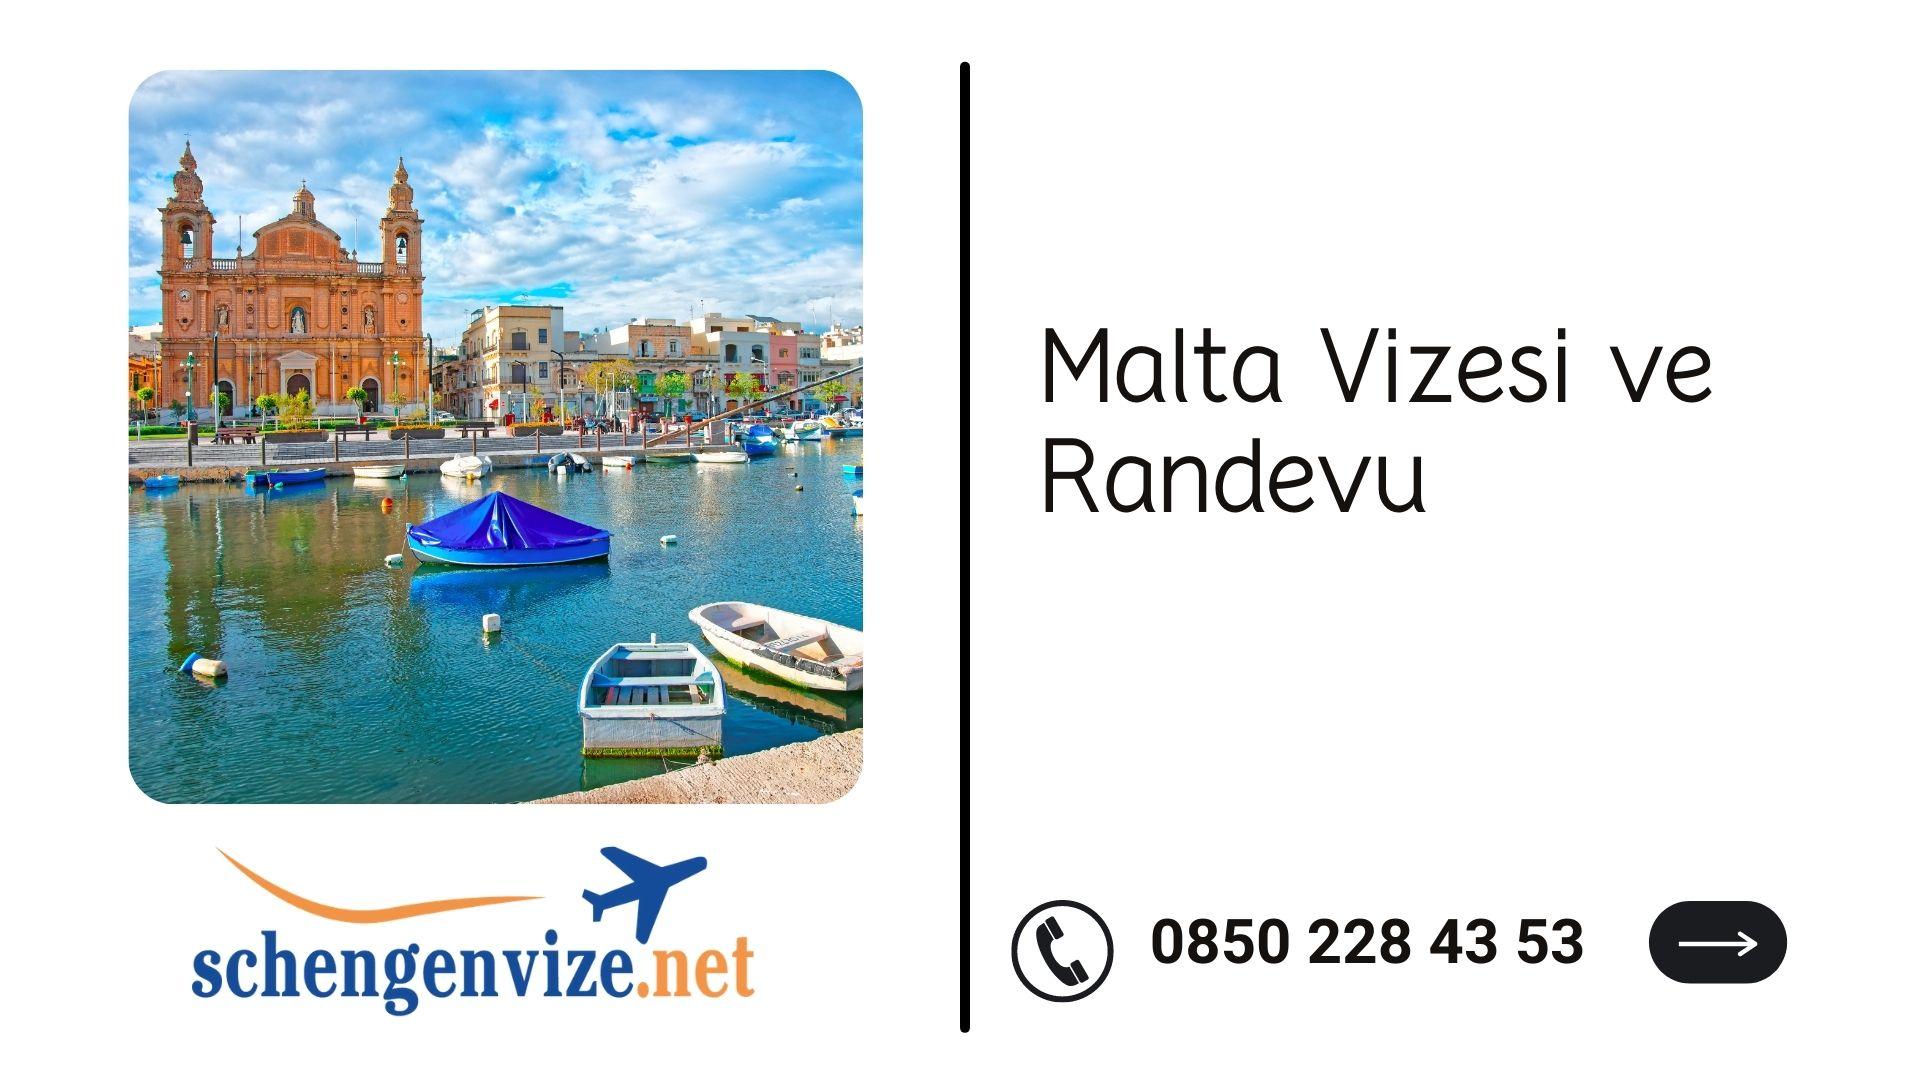 Malta Vizesi ve Randevu